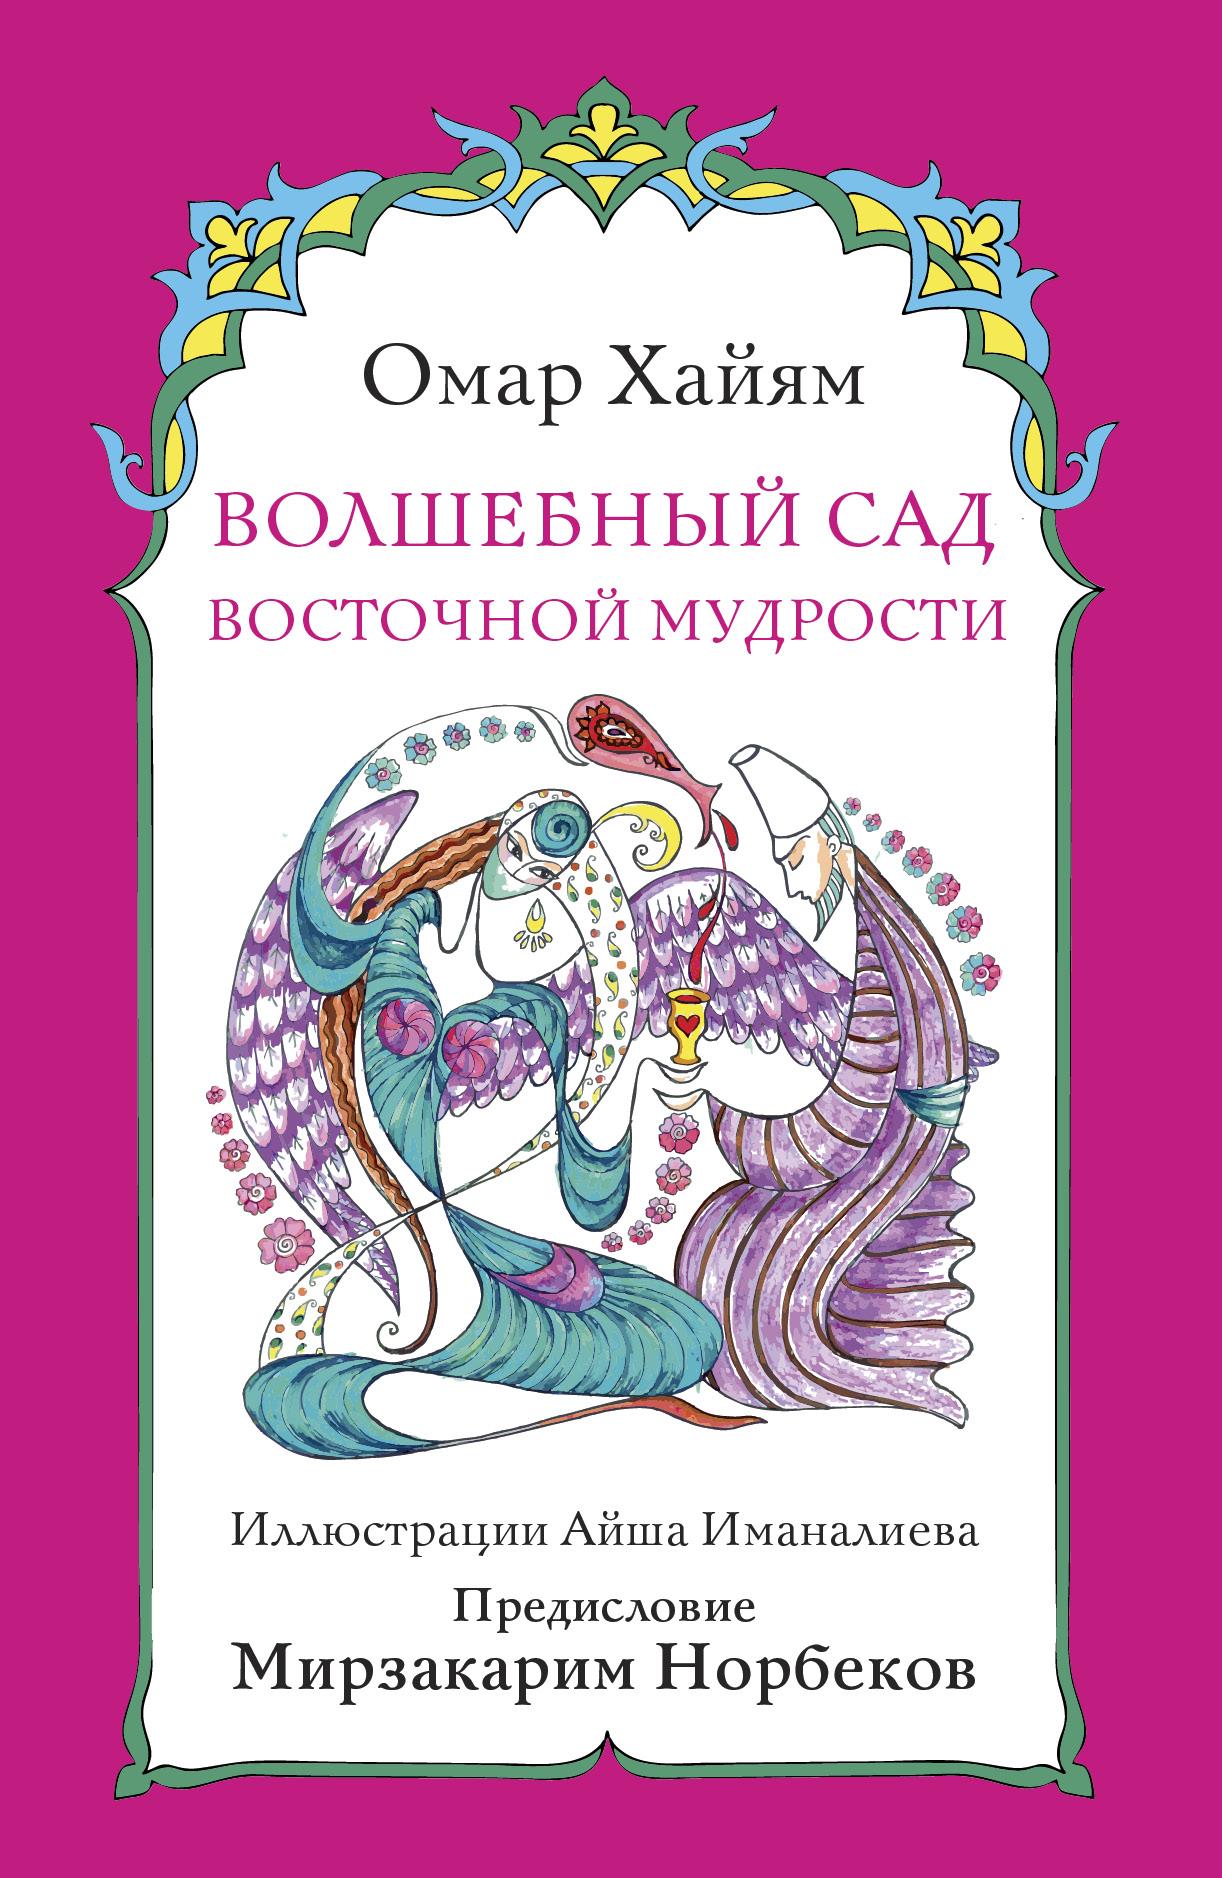 Омар Хайям, Норбеков М.С. Волшебный сад восточной мудрости хайям о волшебный сад восточной мудрости